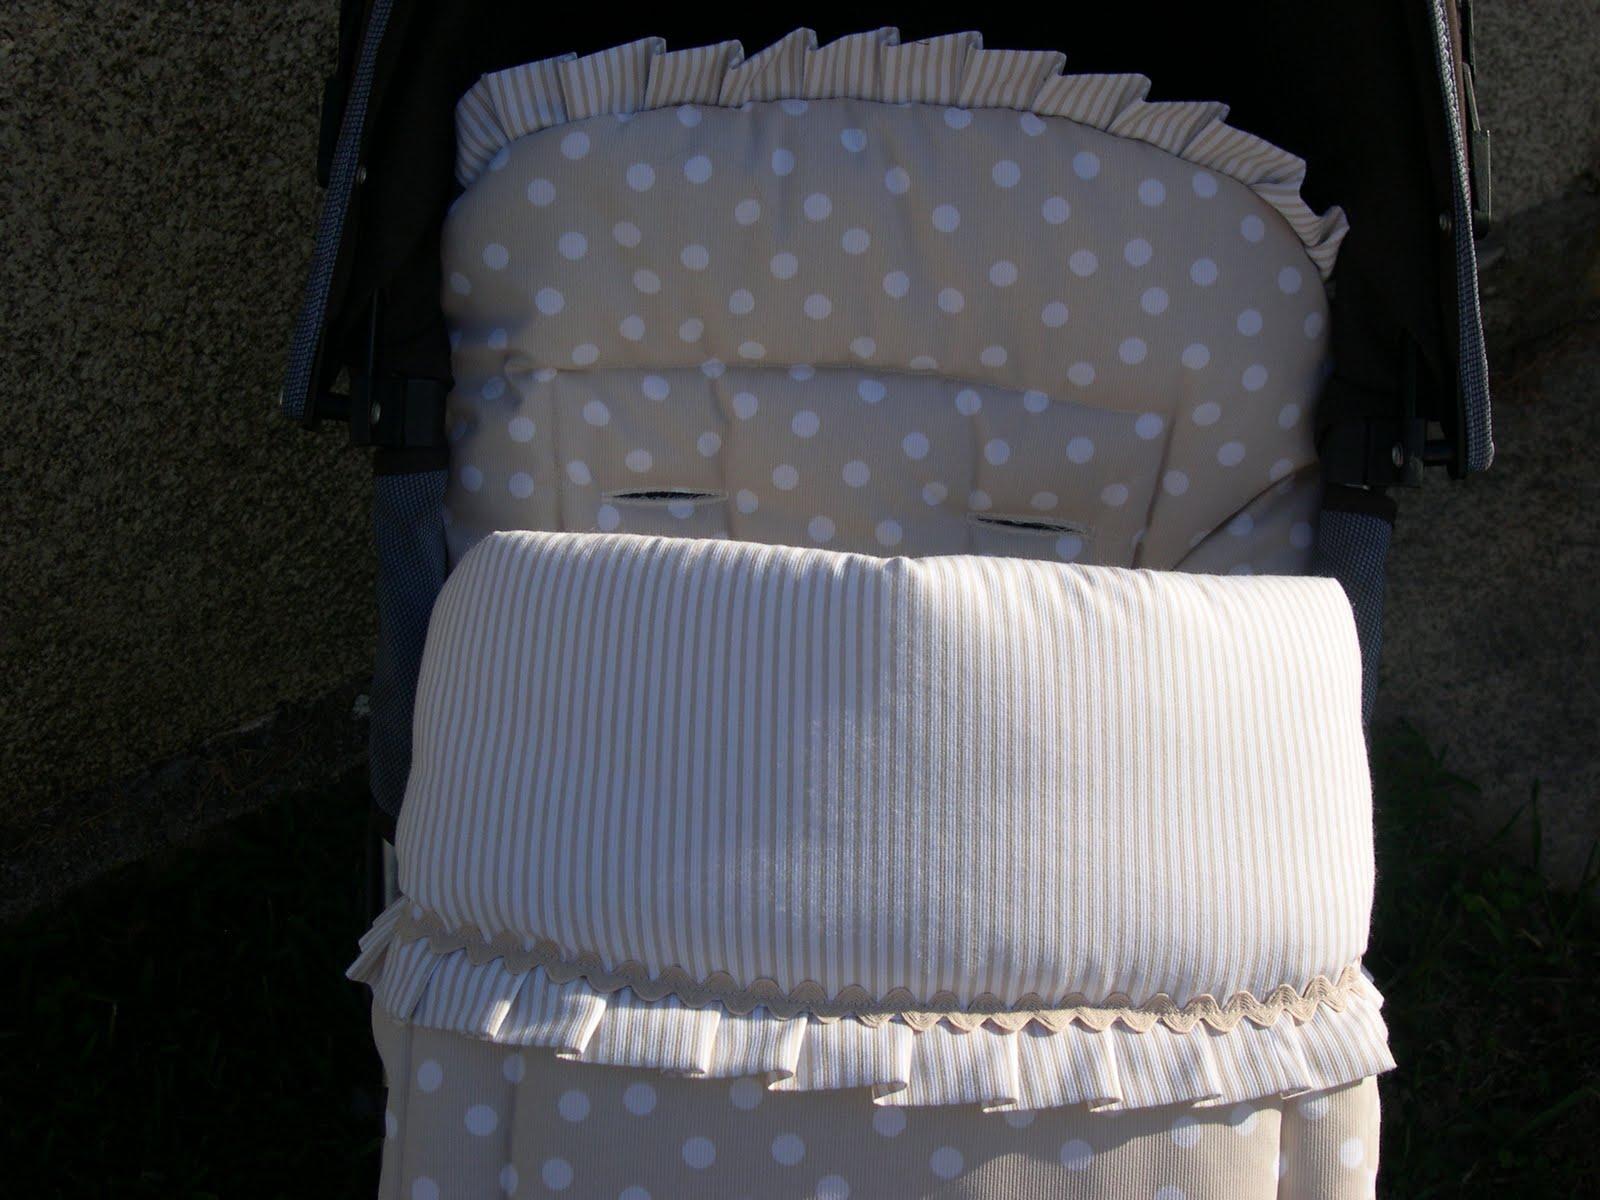 Bordaym s complementos infantiles sacos personalizados for Saco para silla maclaren